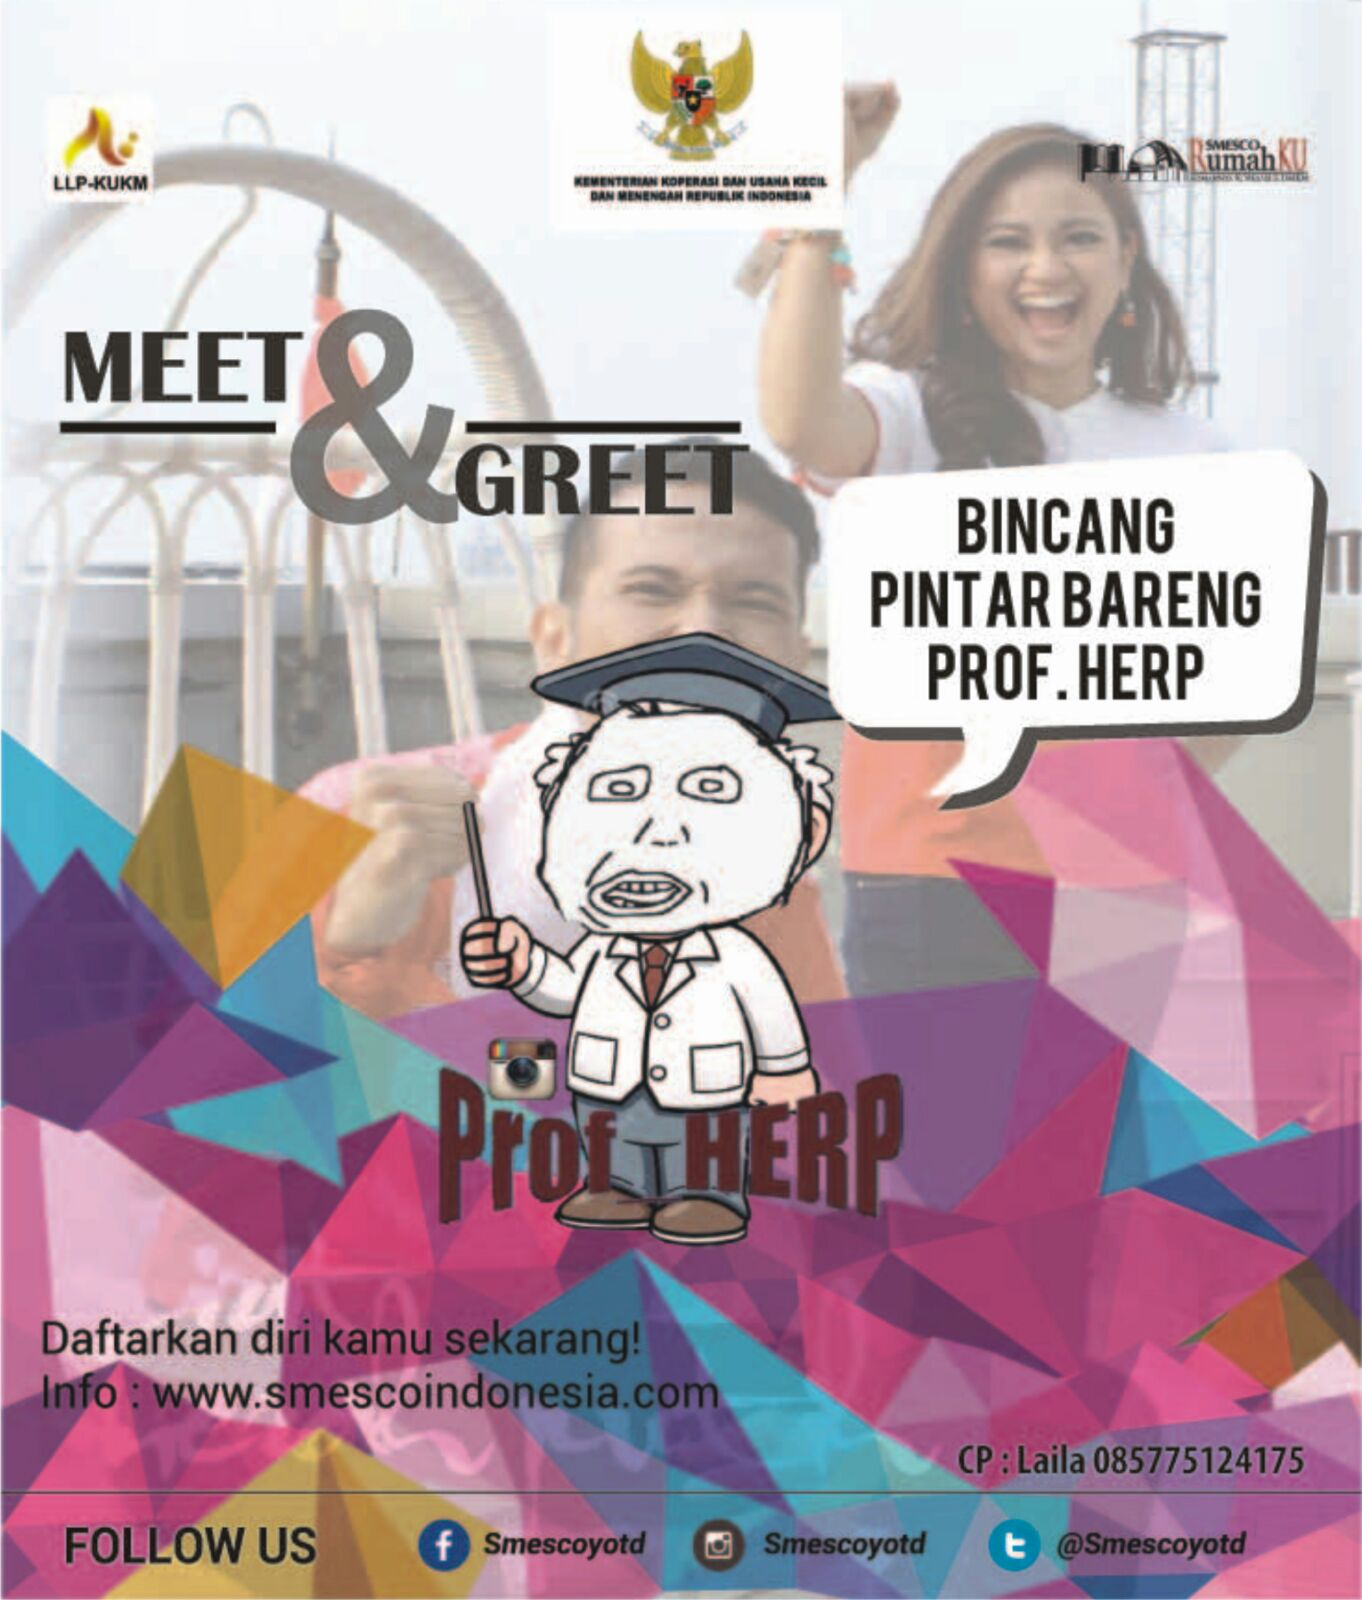 October 2015 Smesco Promo Produk Ukm Bumn Bahan Songket Sulam Katun Merah Meet And Greet Bincang Pintar Bareng Prof Herp